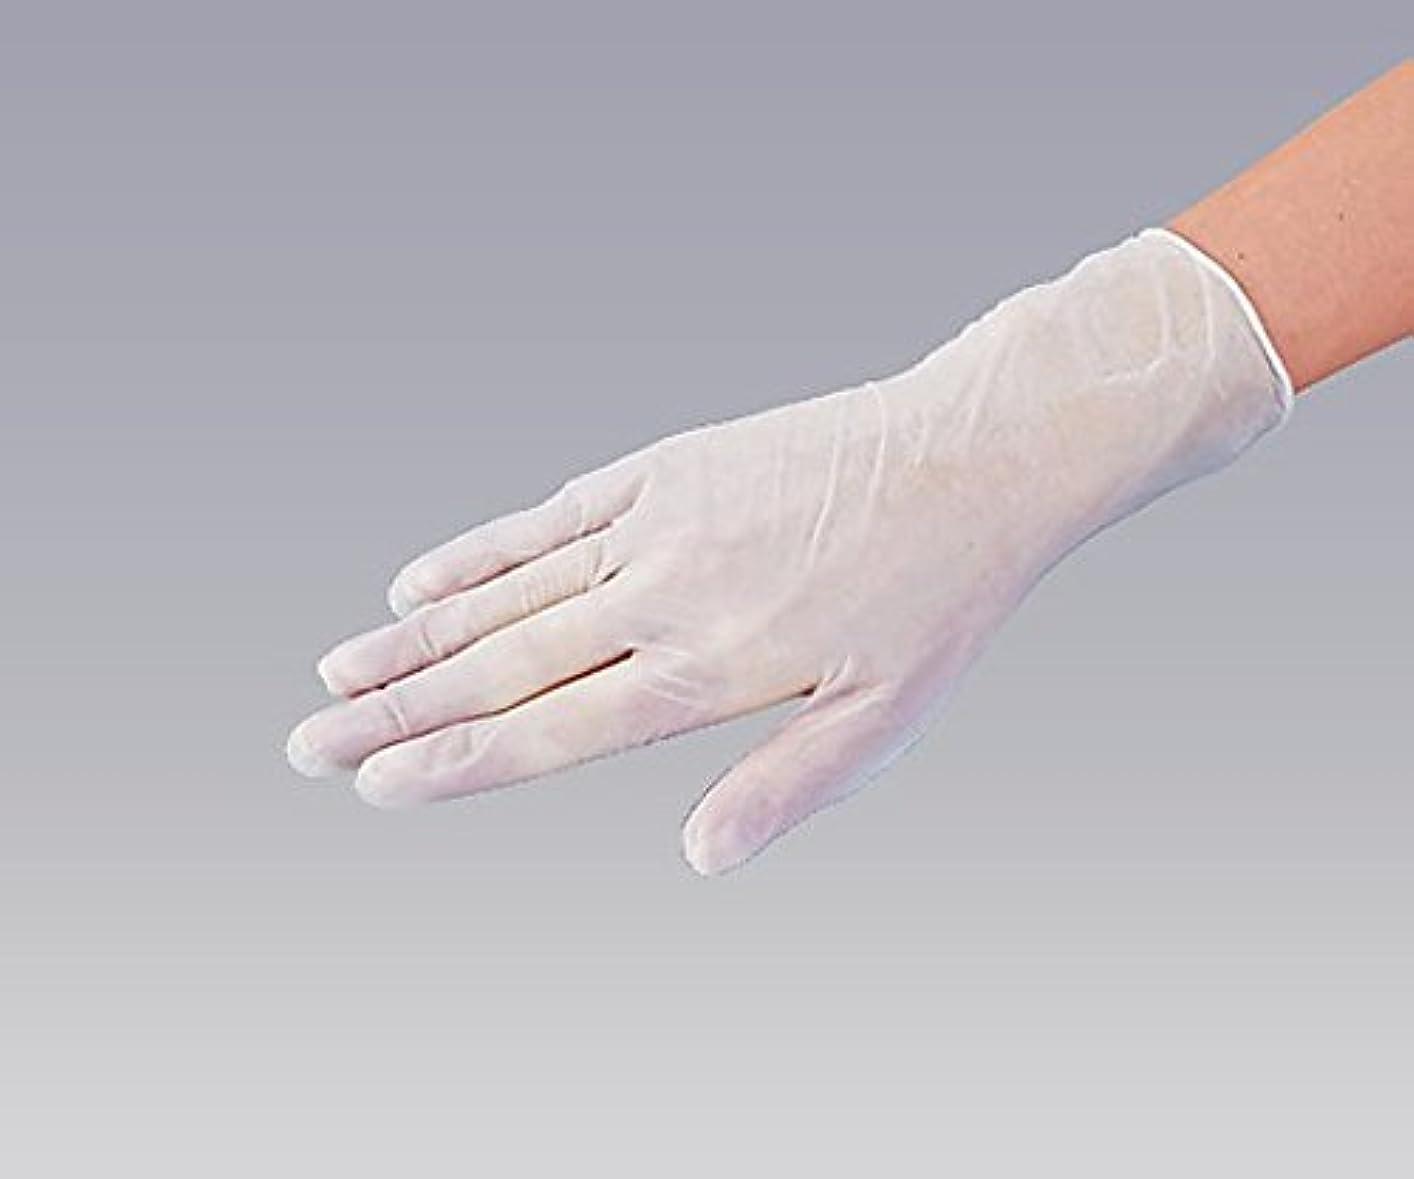 水没ナラーバーカテゴリーナビス(アズワン)0-9868-03プラスチック手袋パウダー無S100入